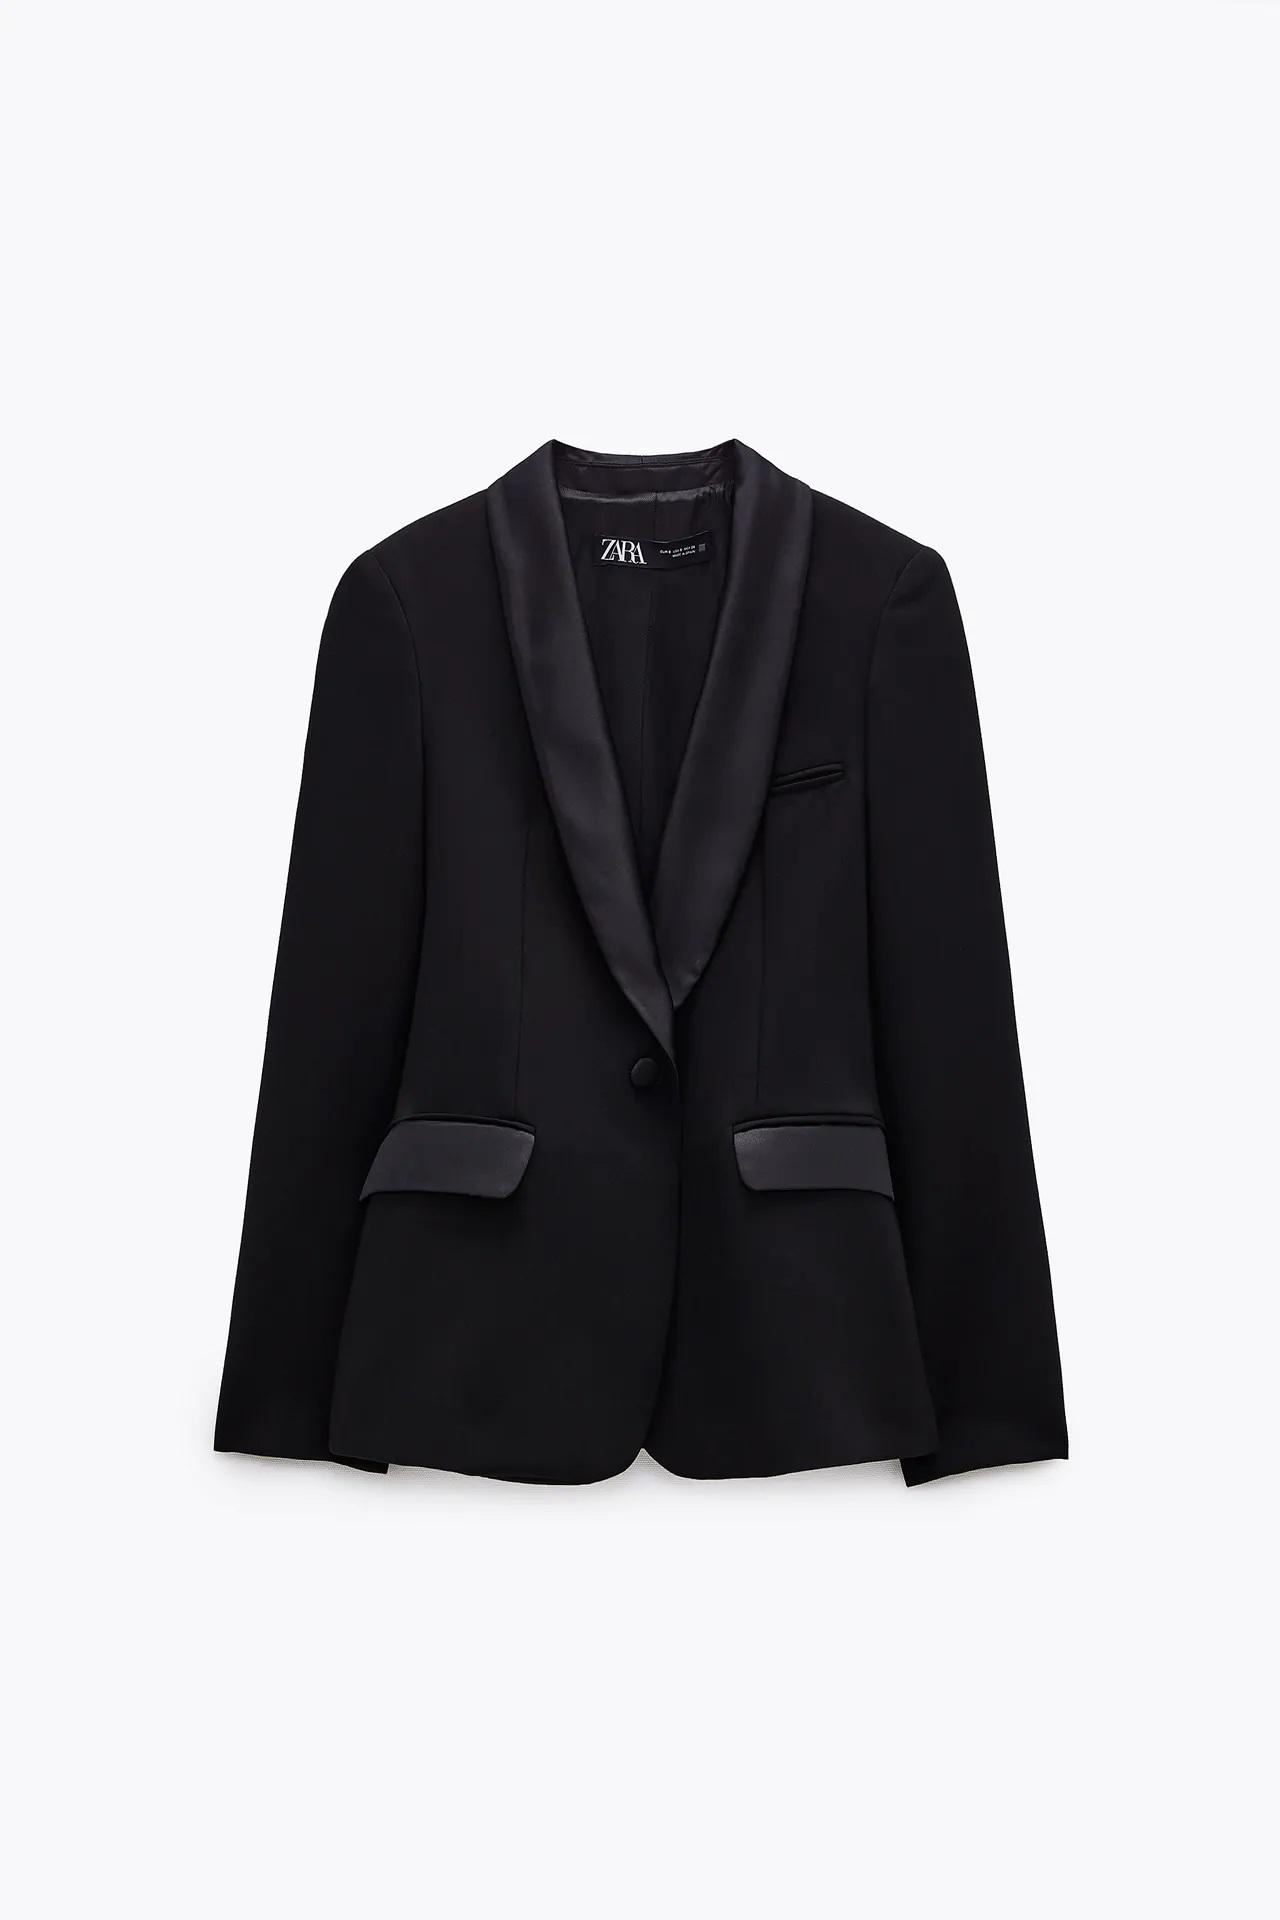 El impecable look de Zara de Kate Middleton, la duquesa actualiza un traje negro básico